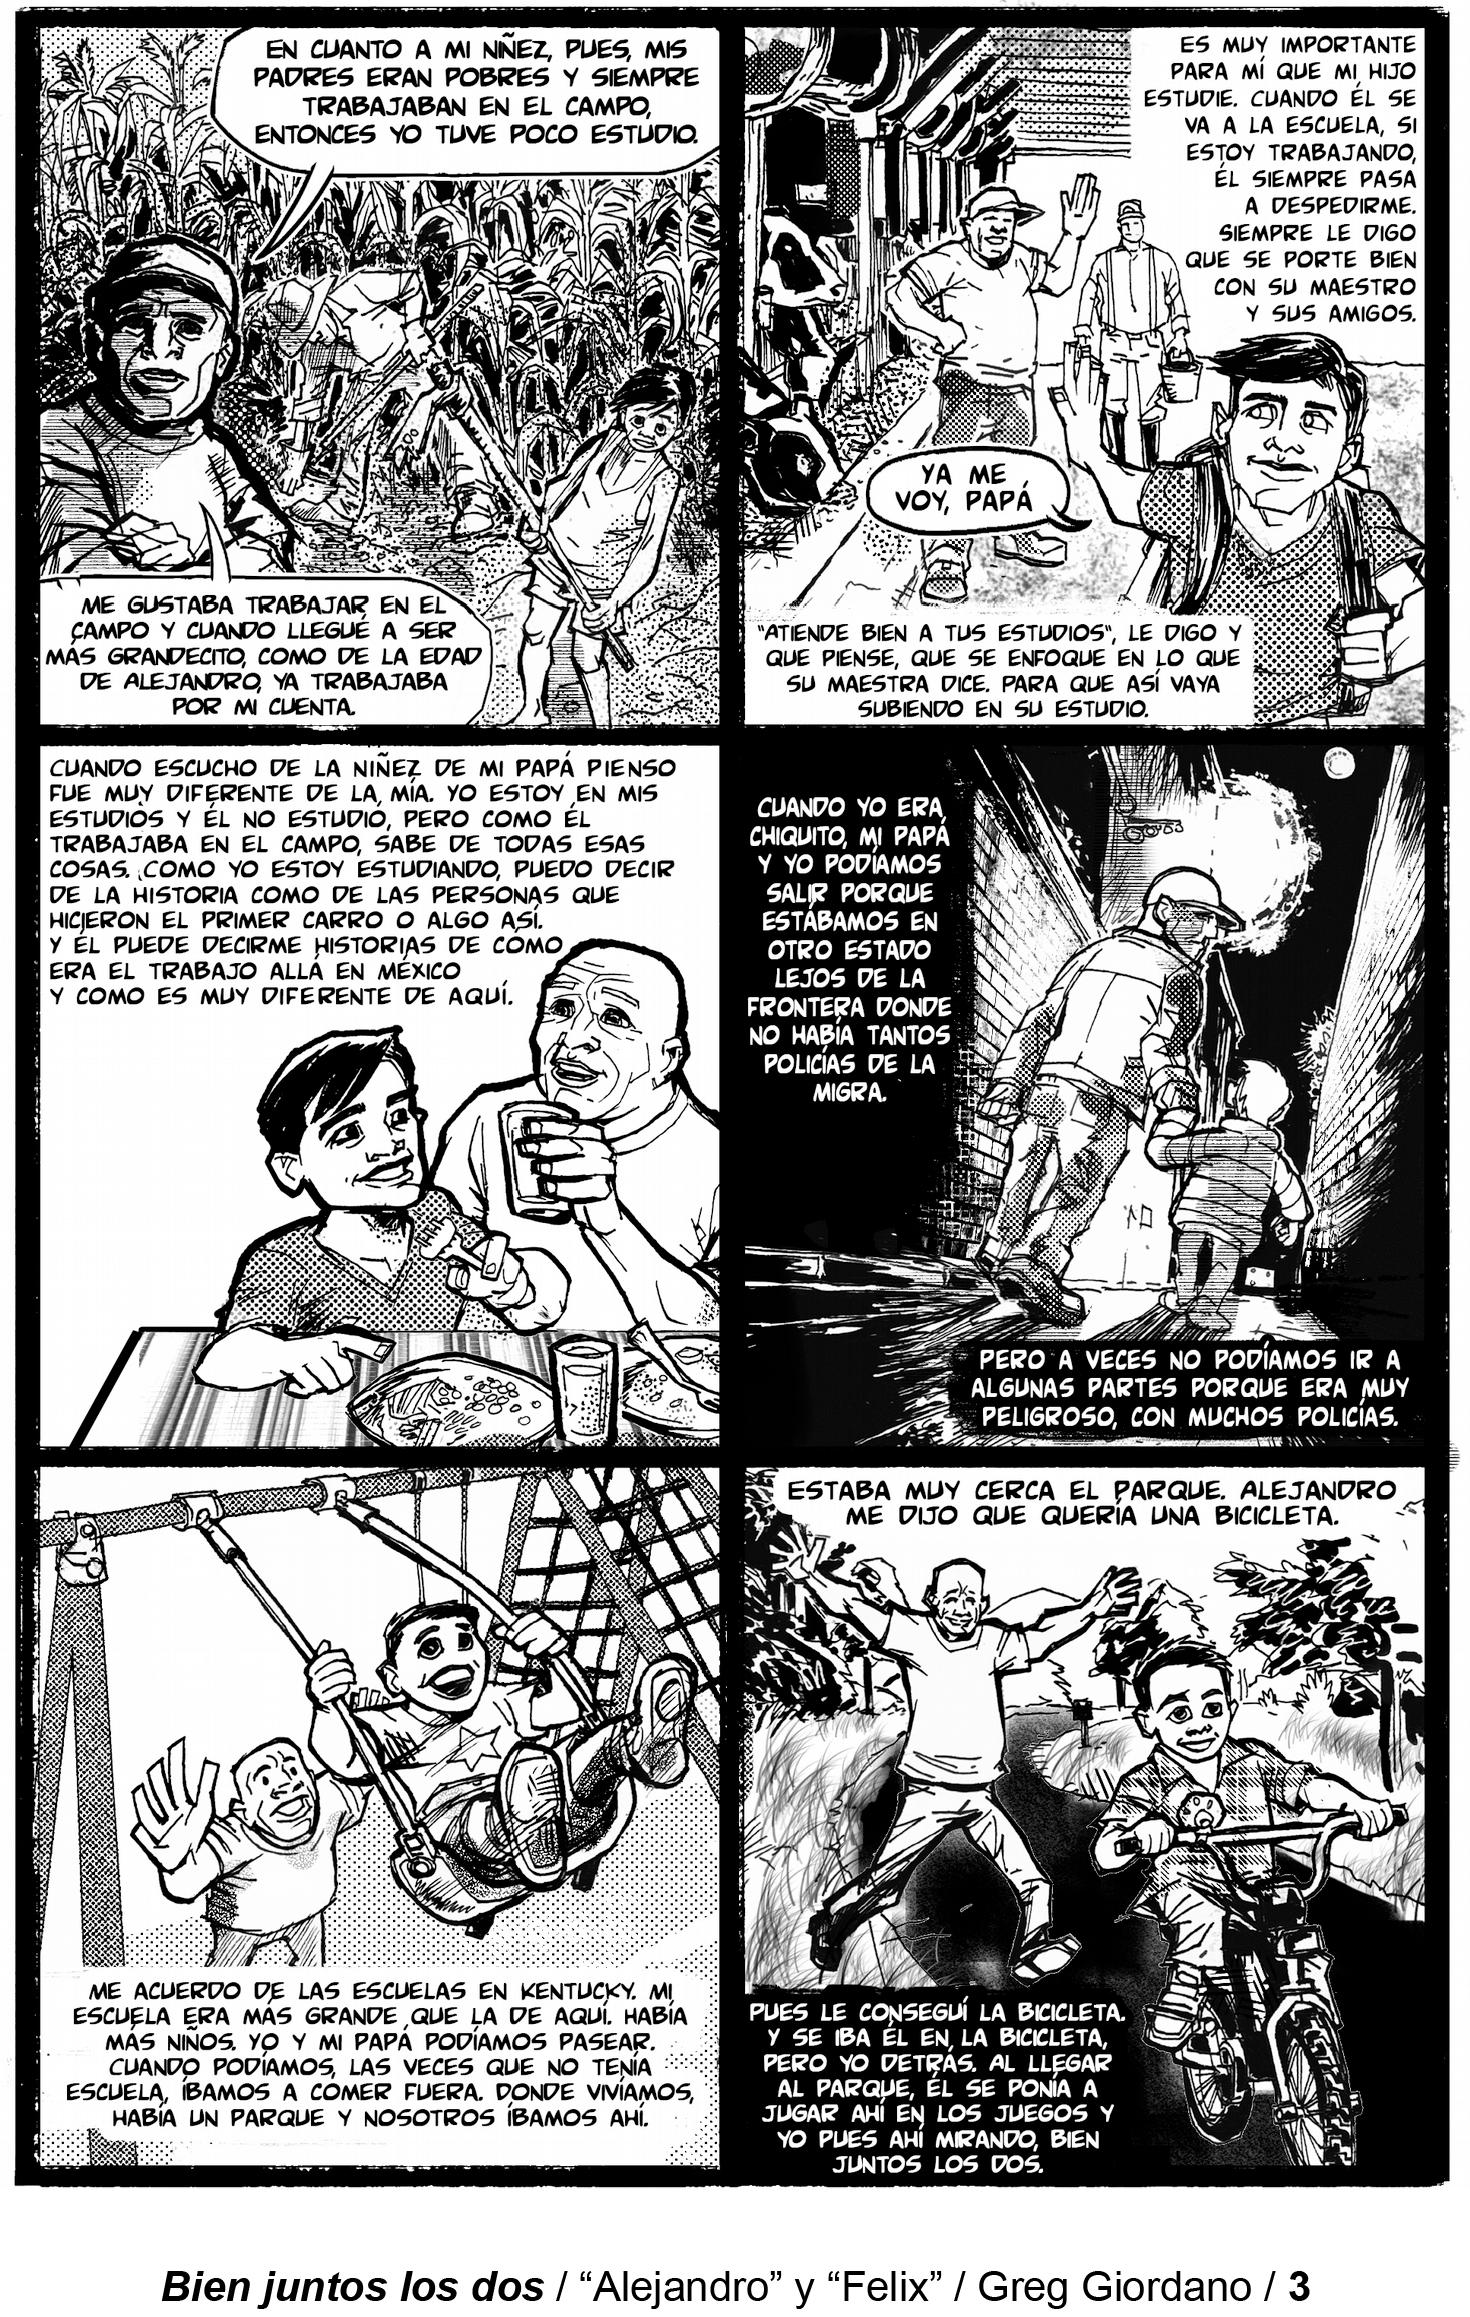 BOOKLET-Alejandro+Felix+Greg-171200-Digest_ESP 5.jpg